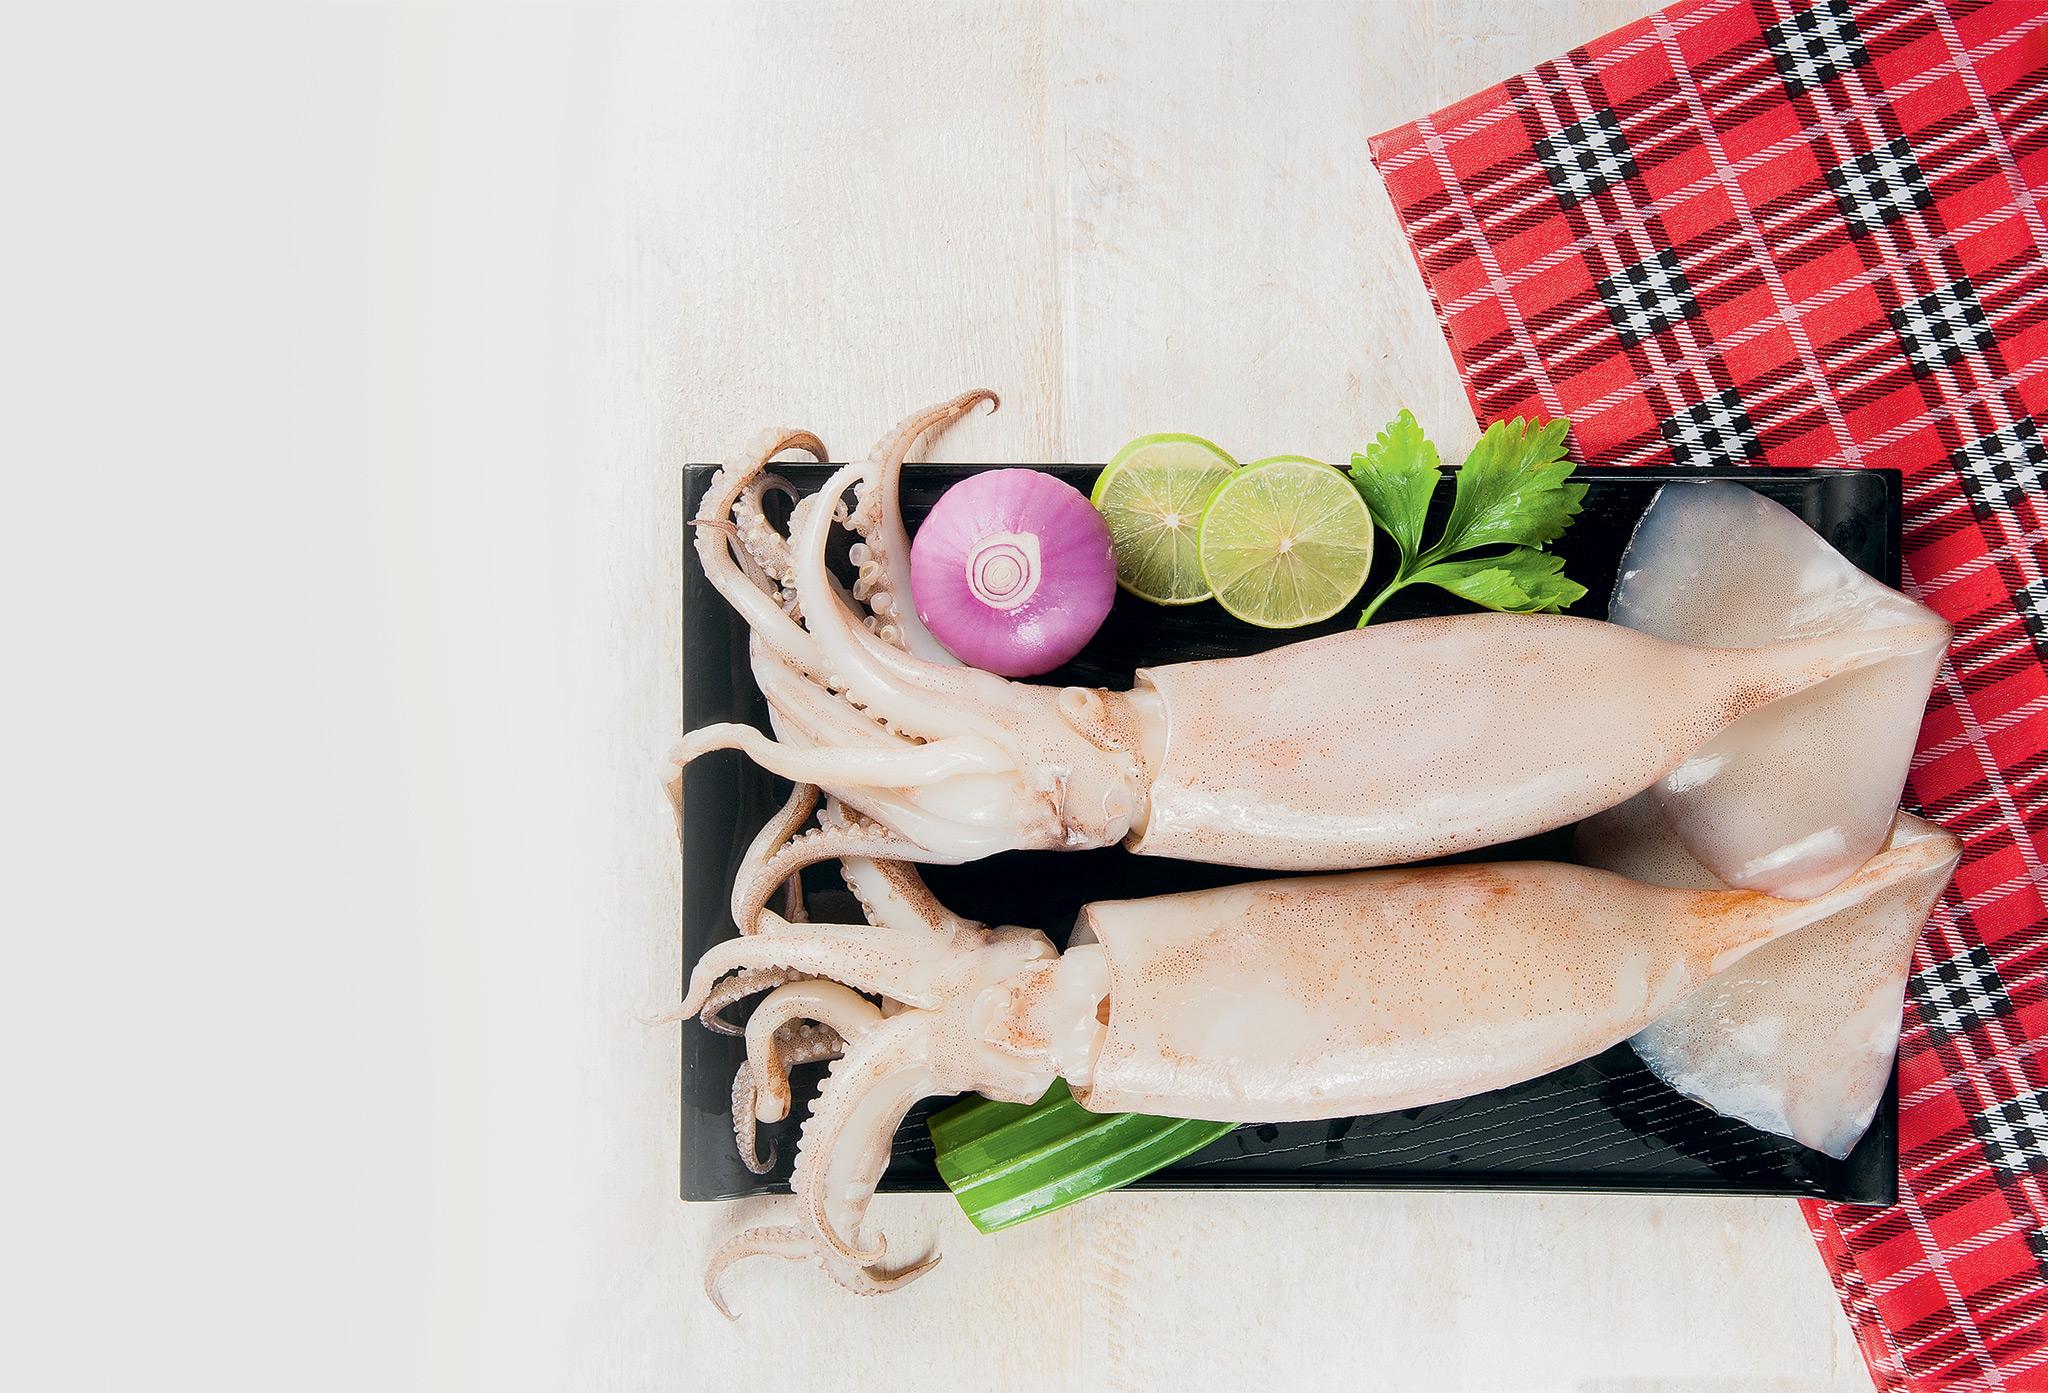 Кальмар: приготовление, рецепты и советы по разморозке